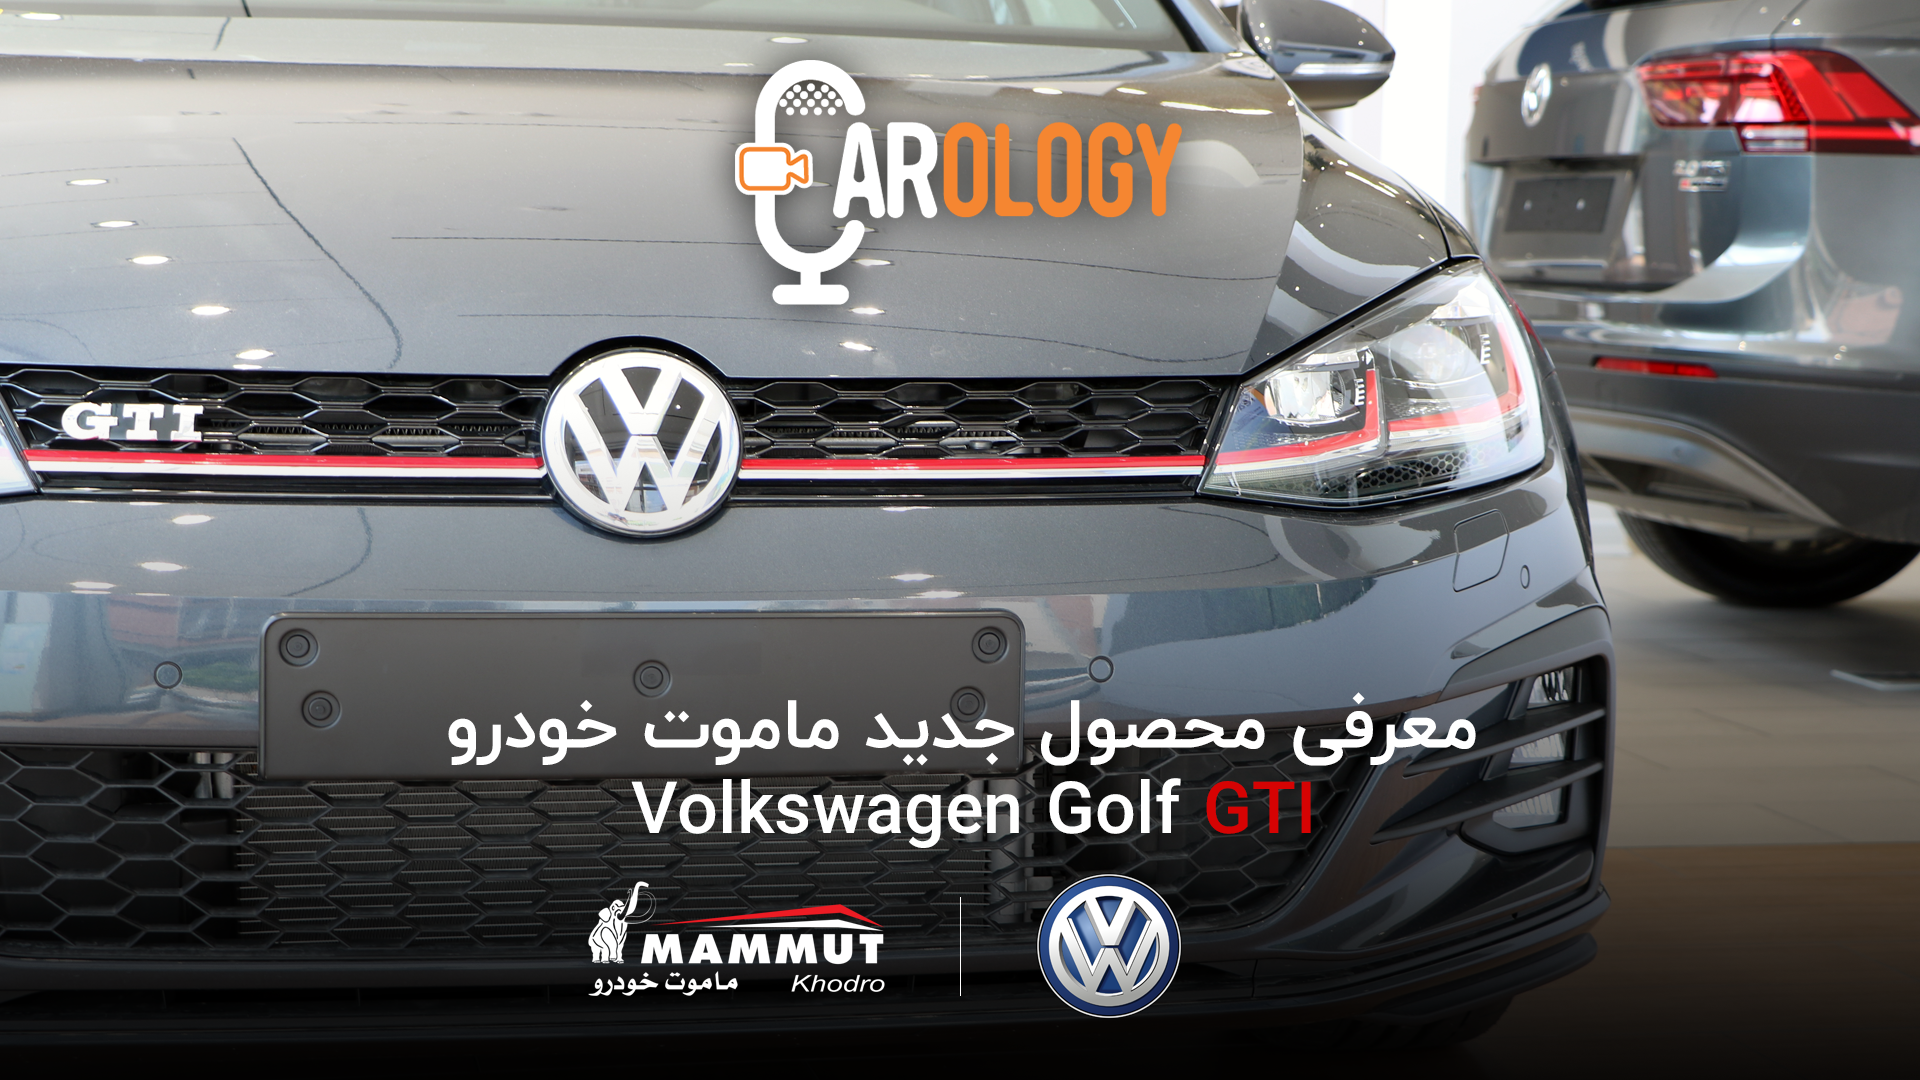 کارولوژی (5): معرفی گلف GTI، محصول جدید ماموت خودرو